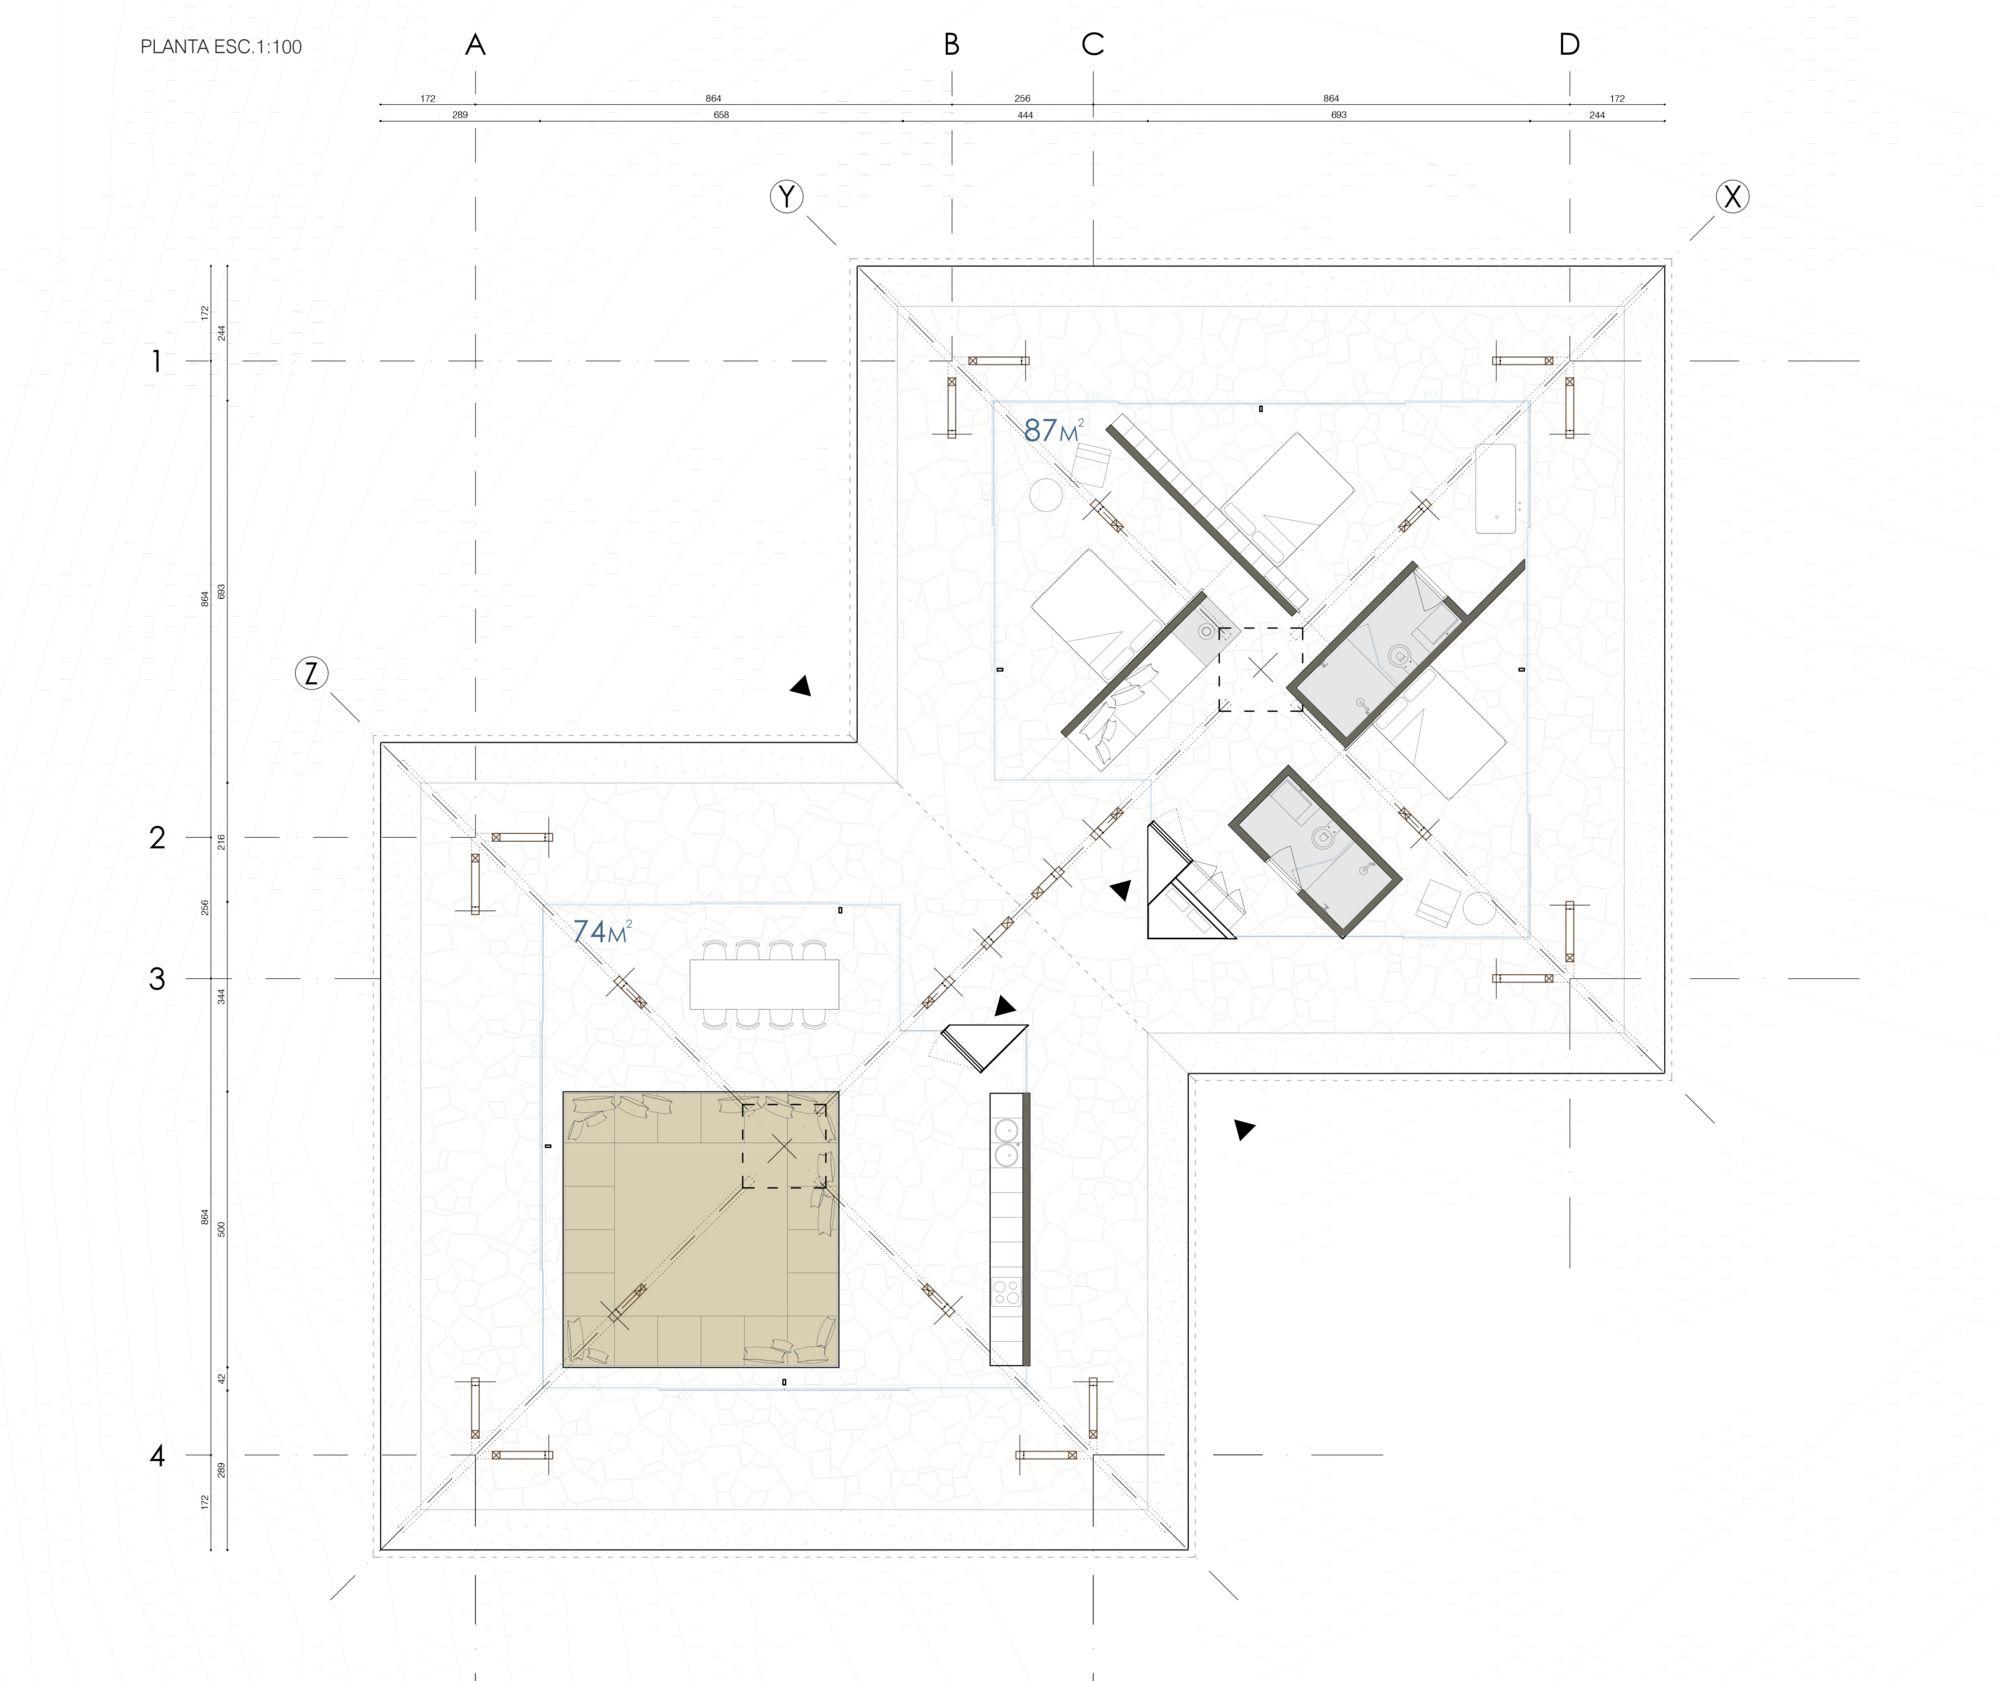 Galería - Ochoquebradas: casa8 por DRAA [Nicolás Del Río   Felipe Camus] - 91